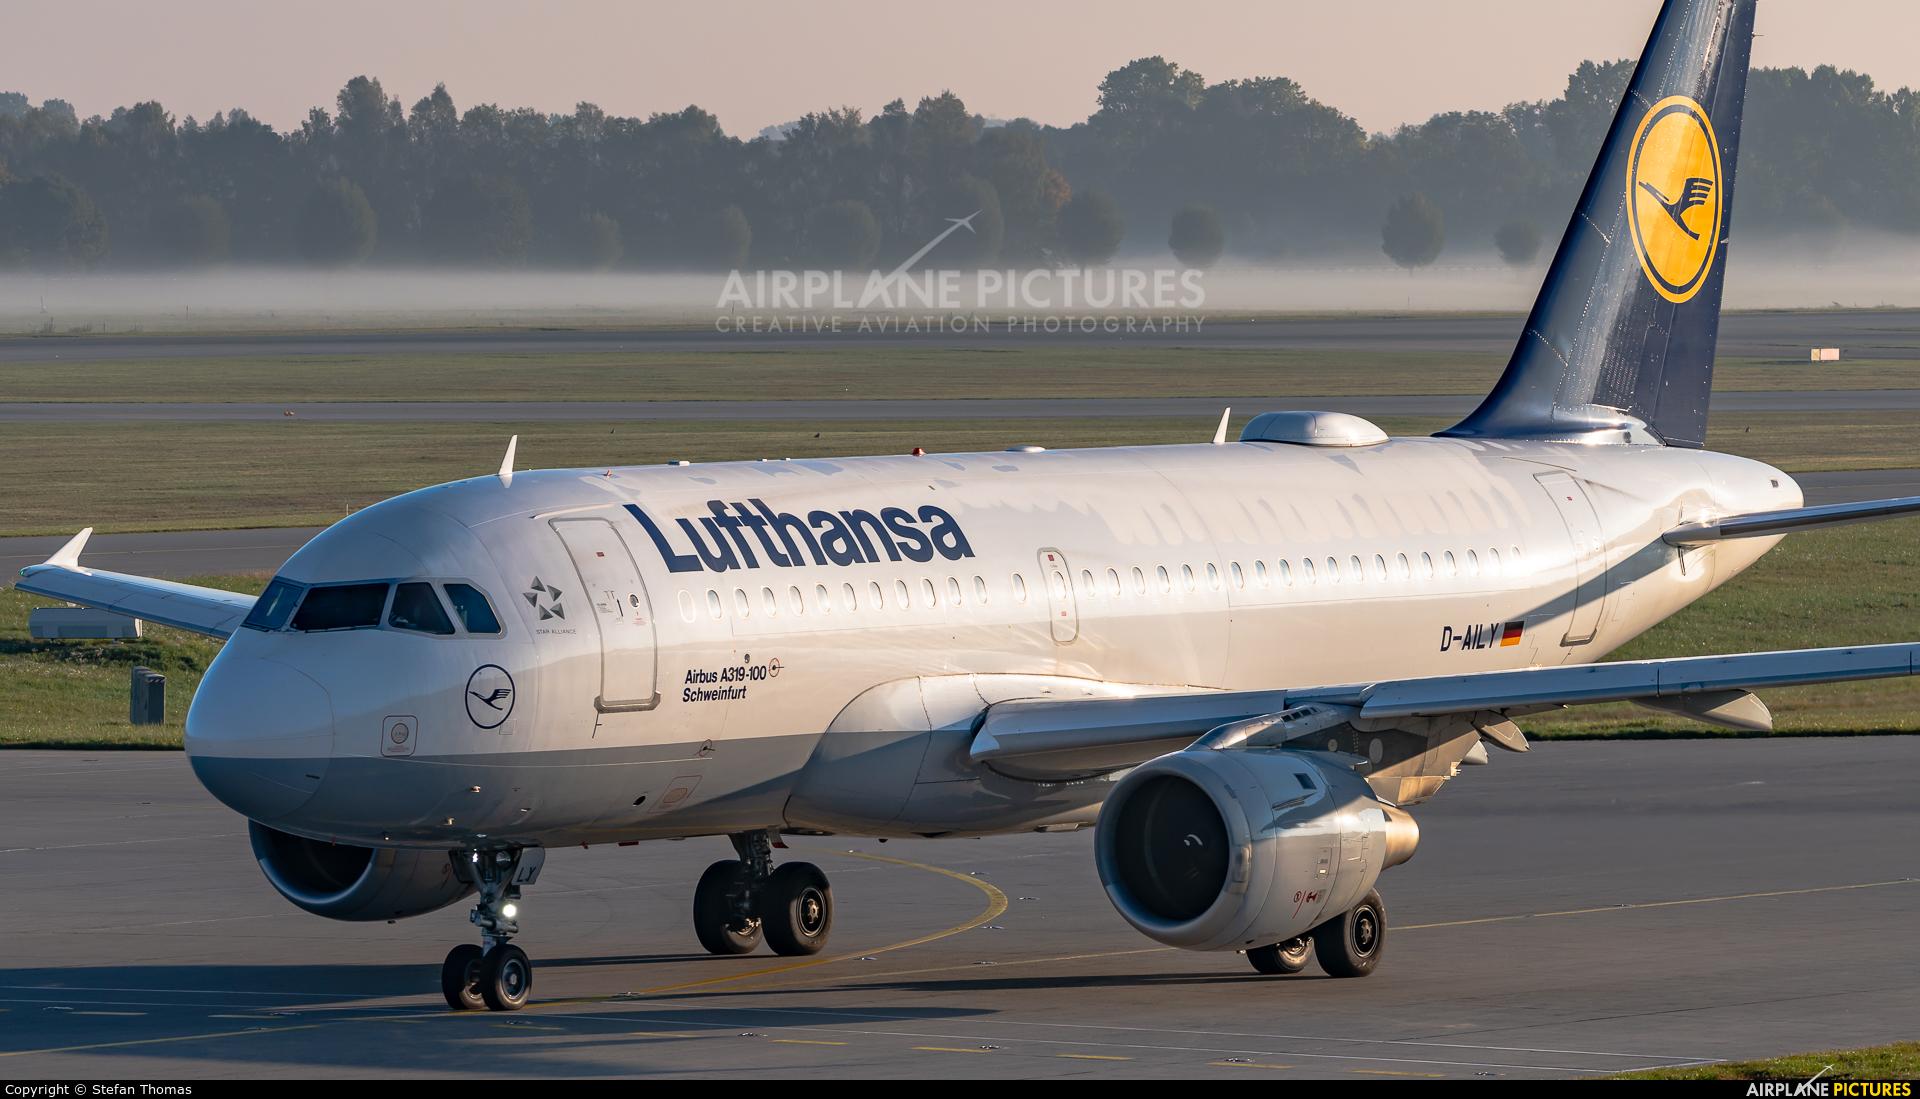 Lufthansa D-AILY aircraft at Munich